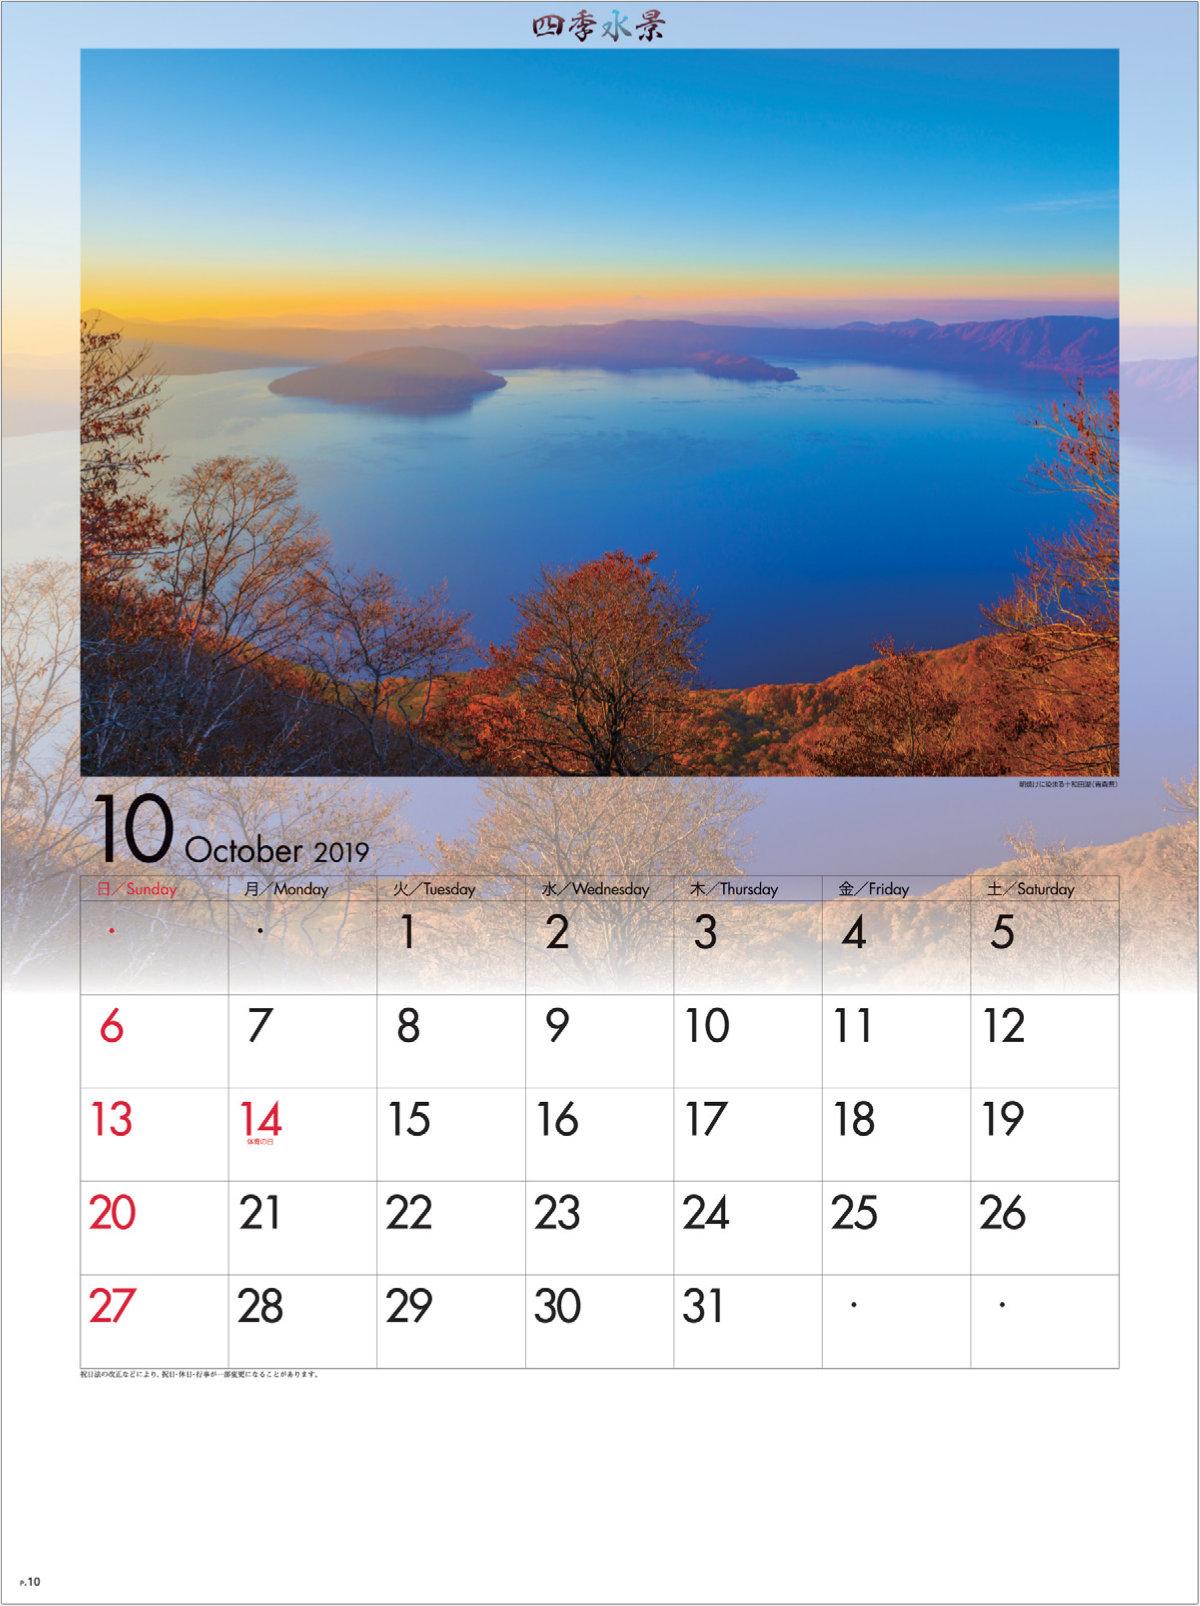 画像:青森県 朝焼けに染まる十和田湖 四季水景 2019年カレンダー